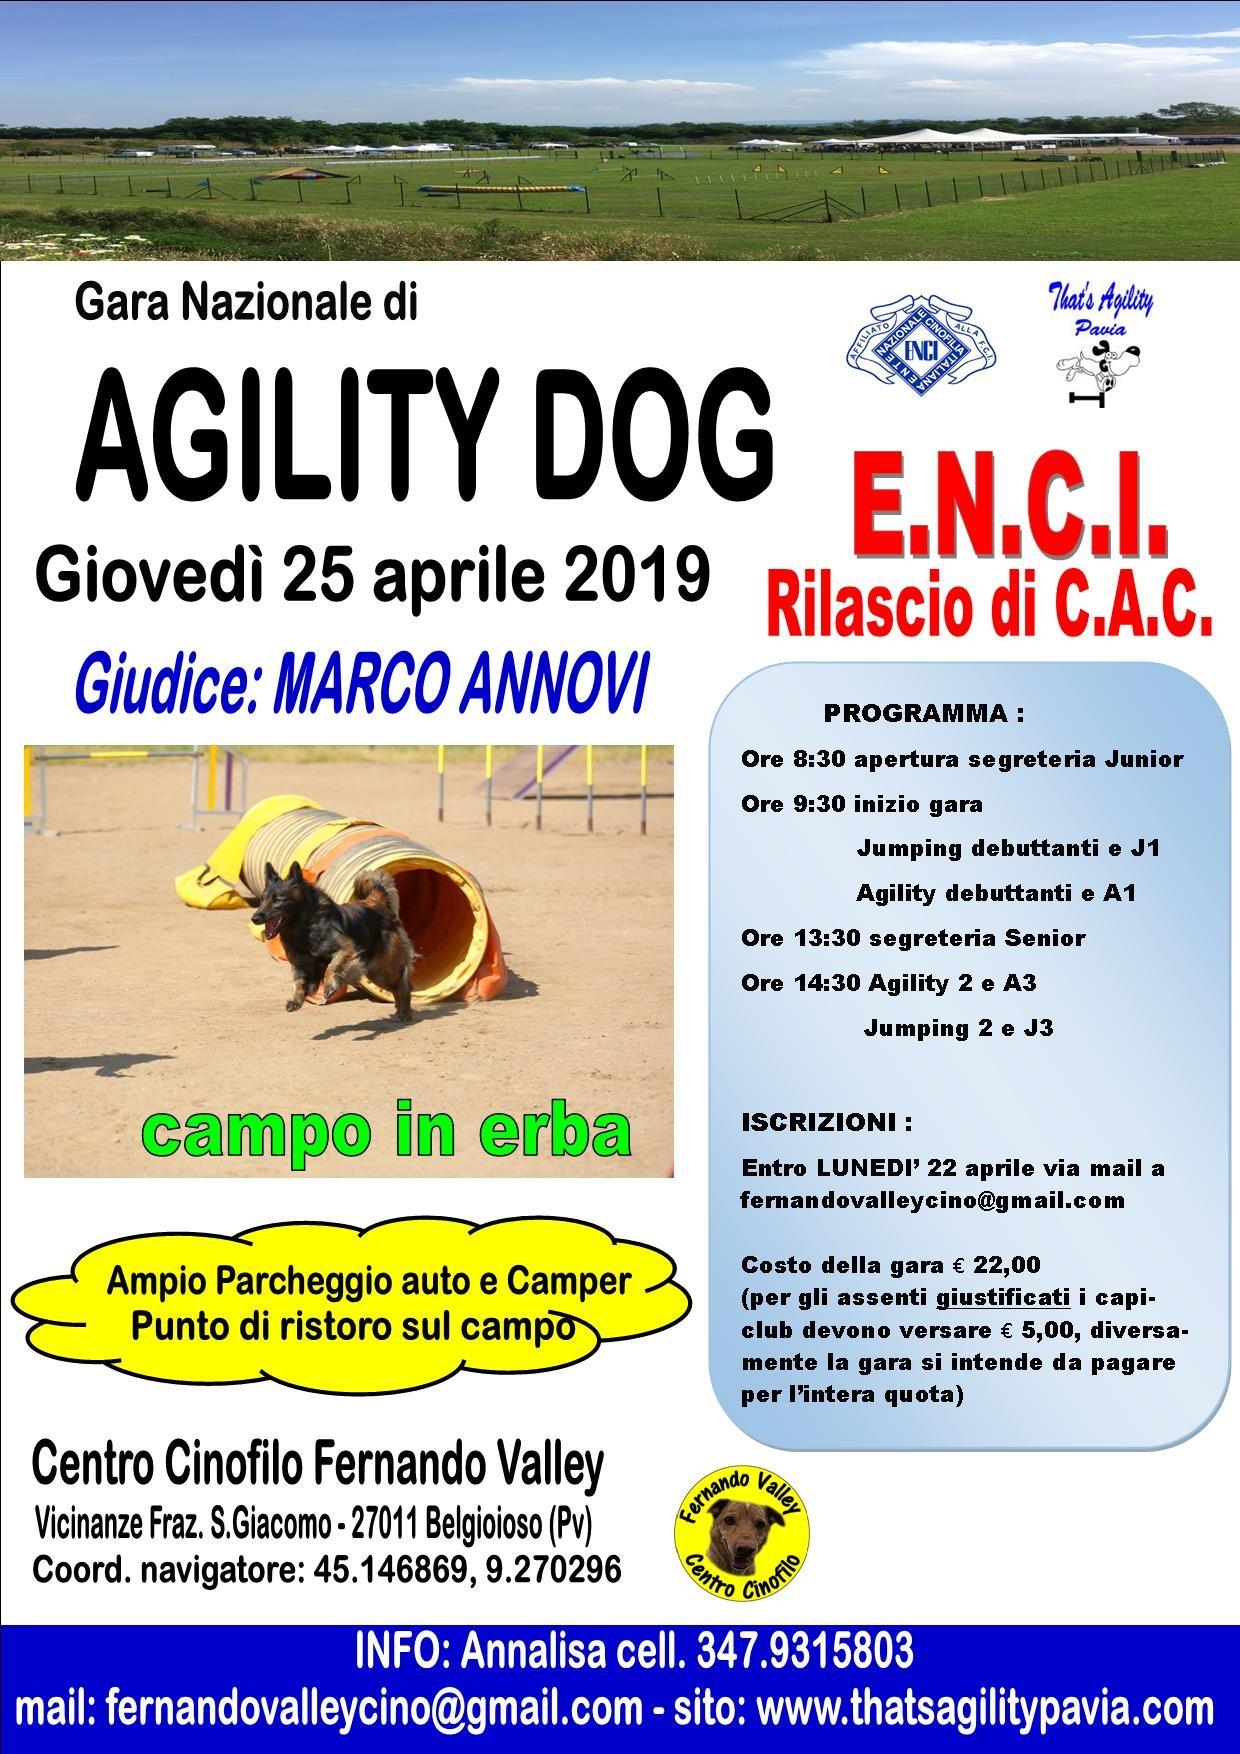 Gara Nazionale CAC 25 aprile 2019